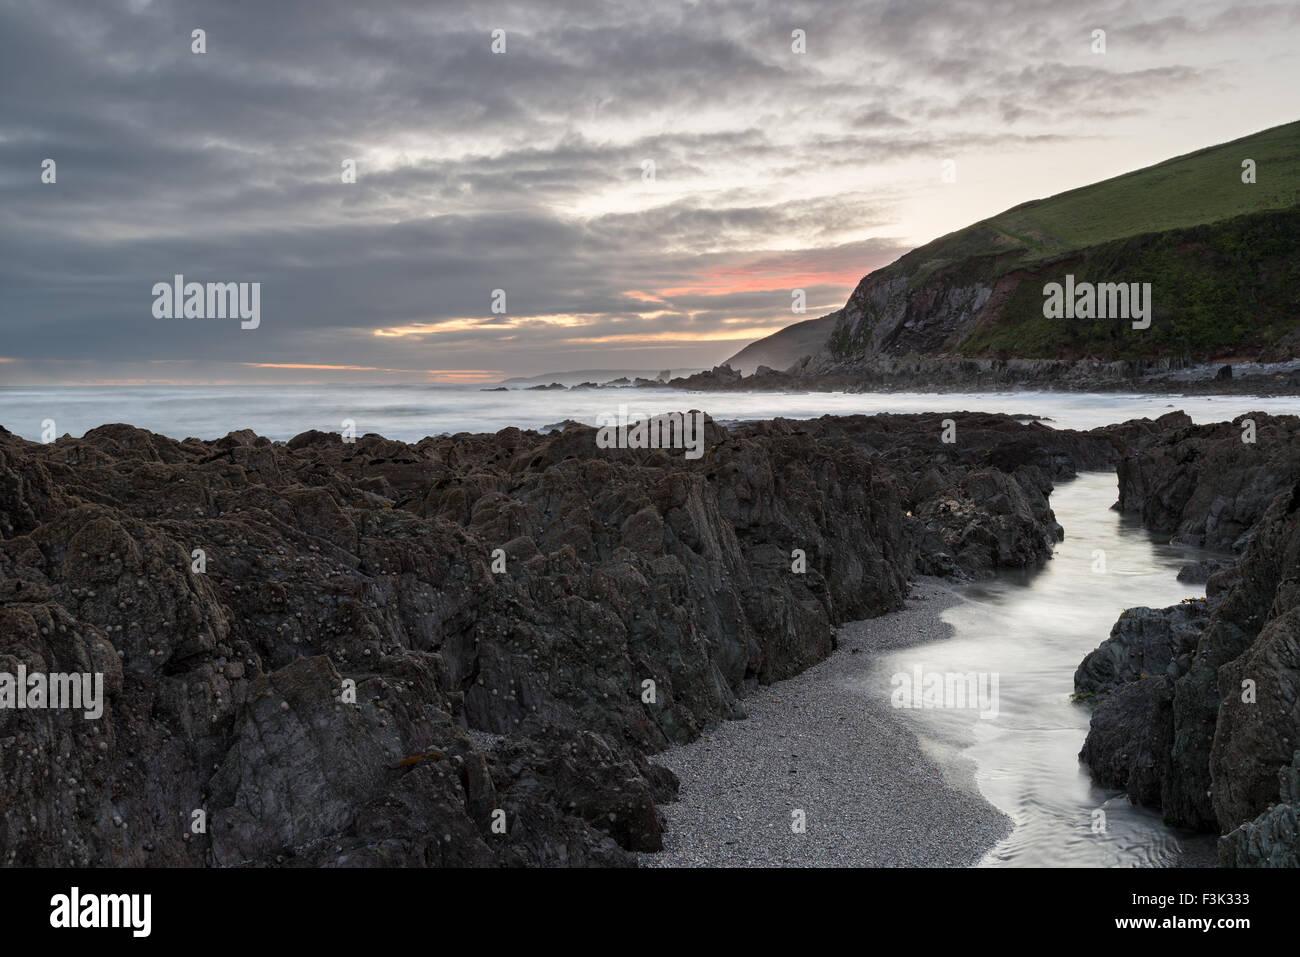 Une nuit de tempête sur la plage de Portwrinkle de la côte sud des Cornouailles Photo Stock